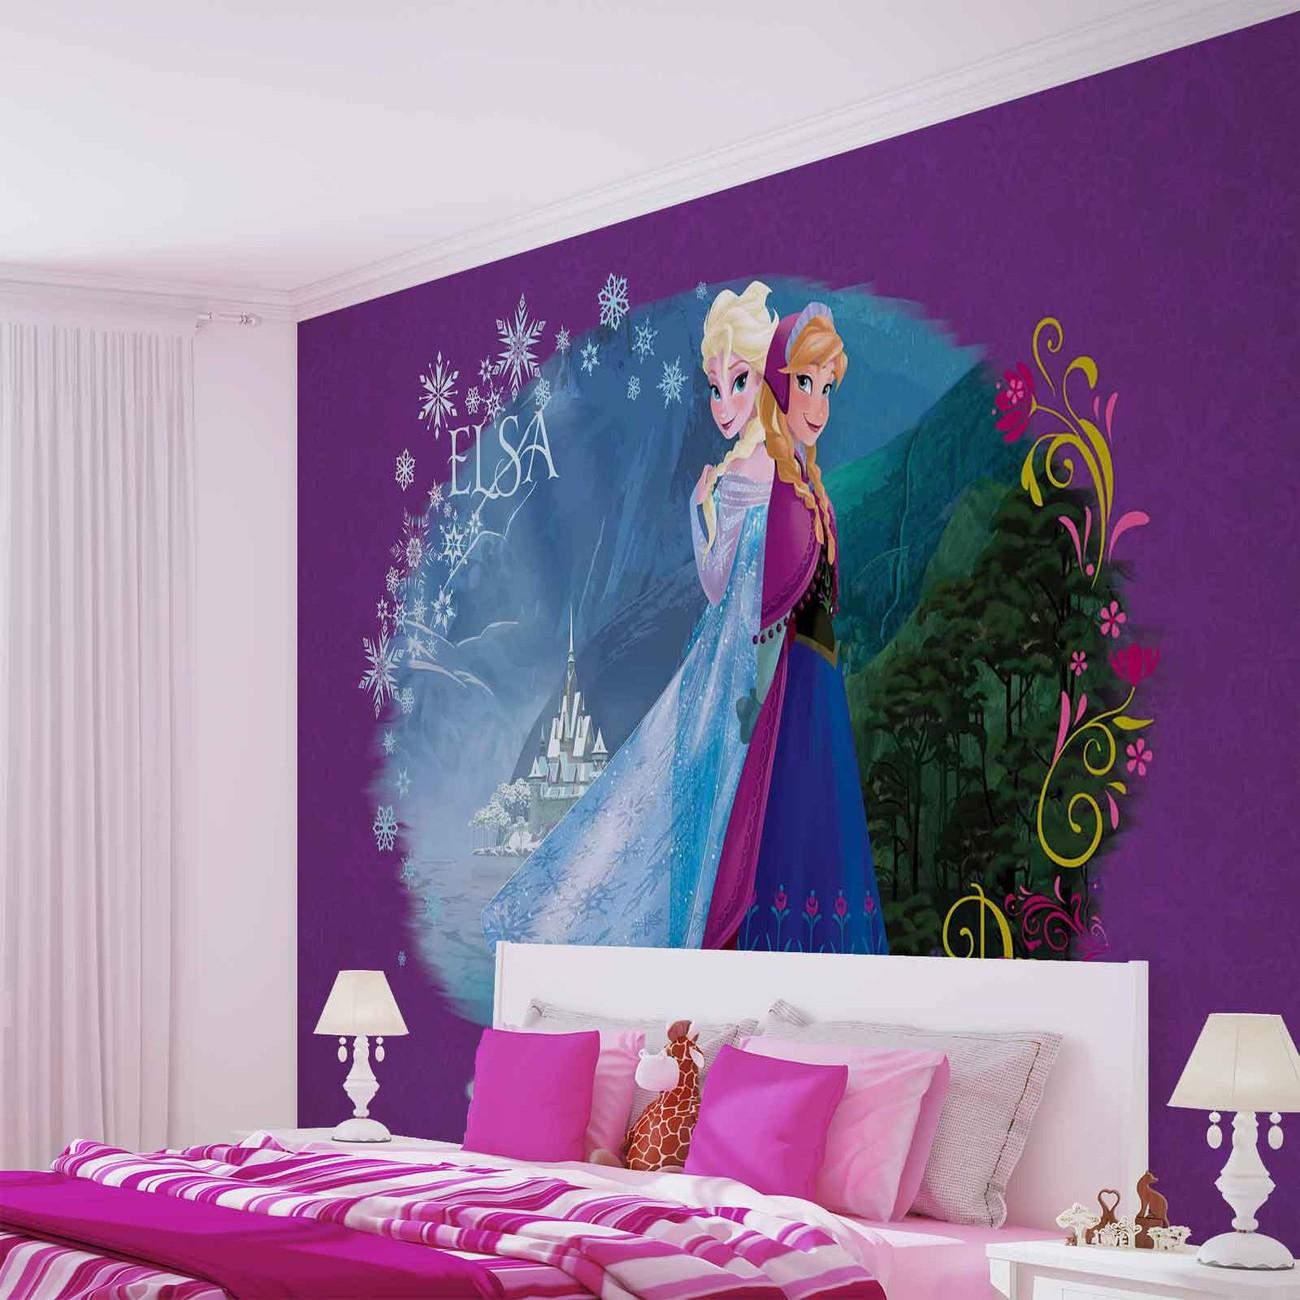 Disney la reine des neiges poster mural papier peint acheter le sur - Papier peint reine des neiges ...